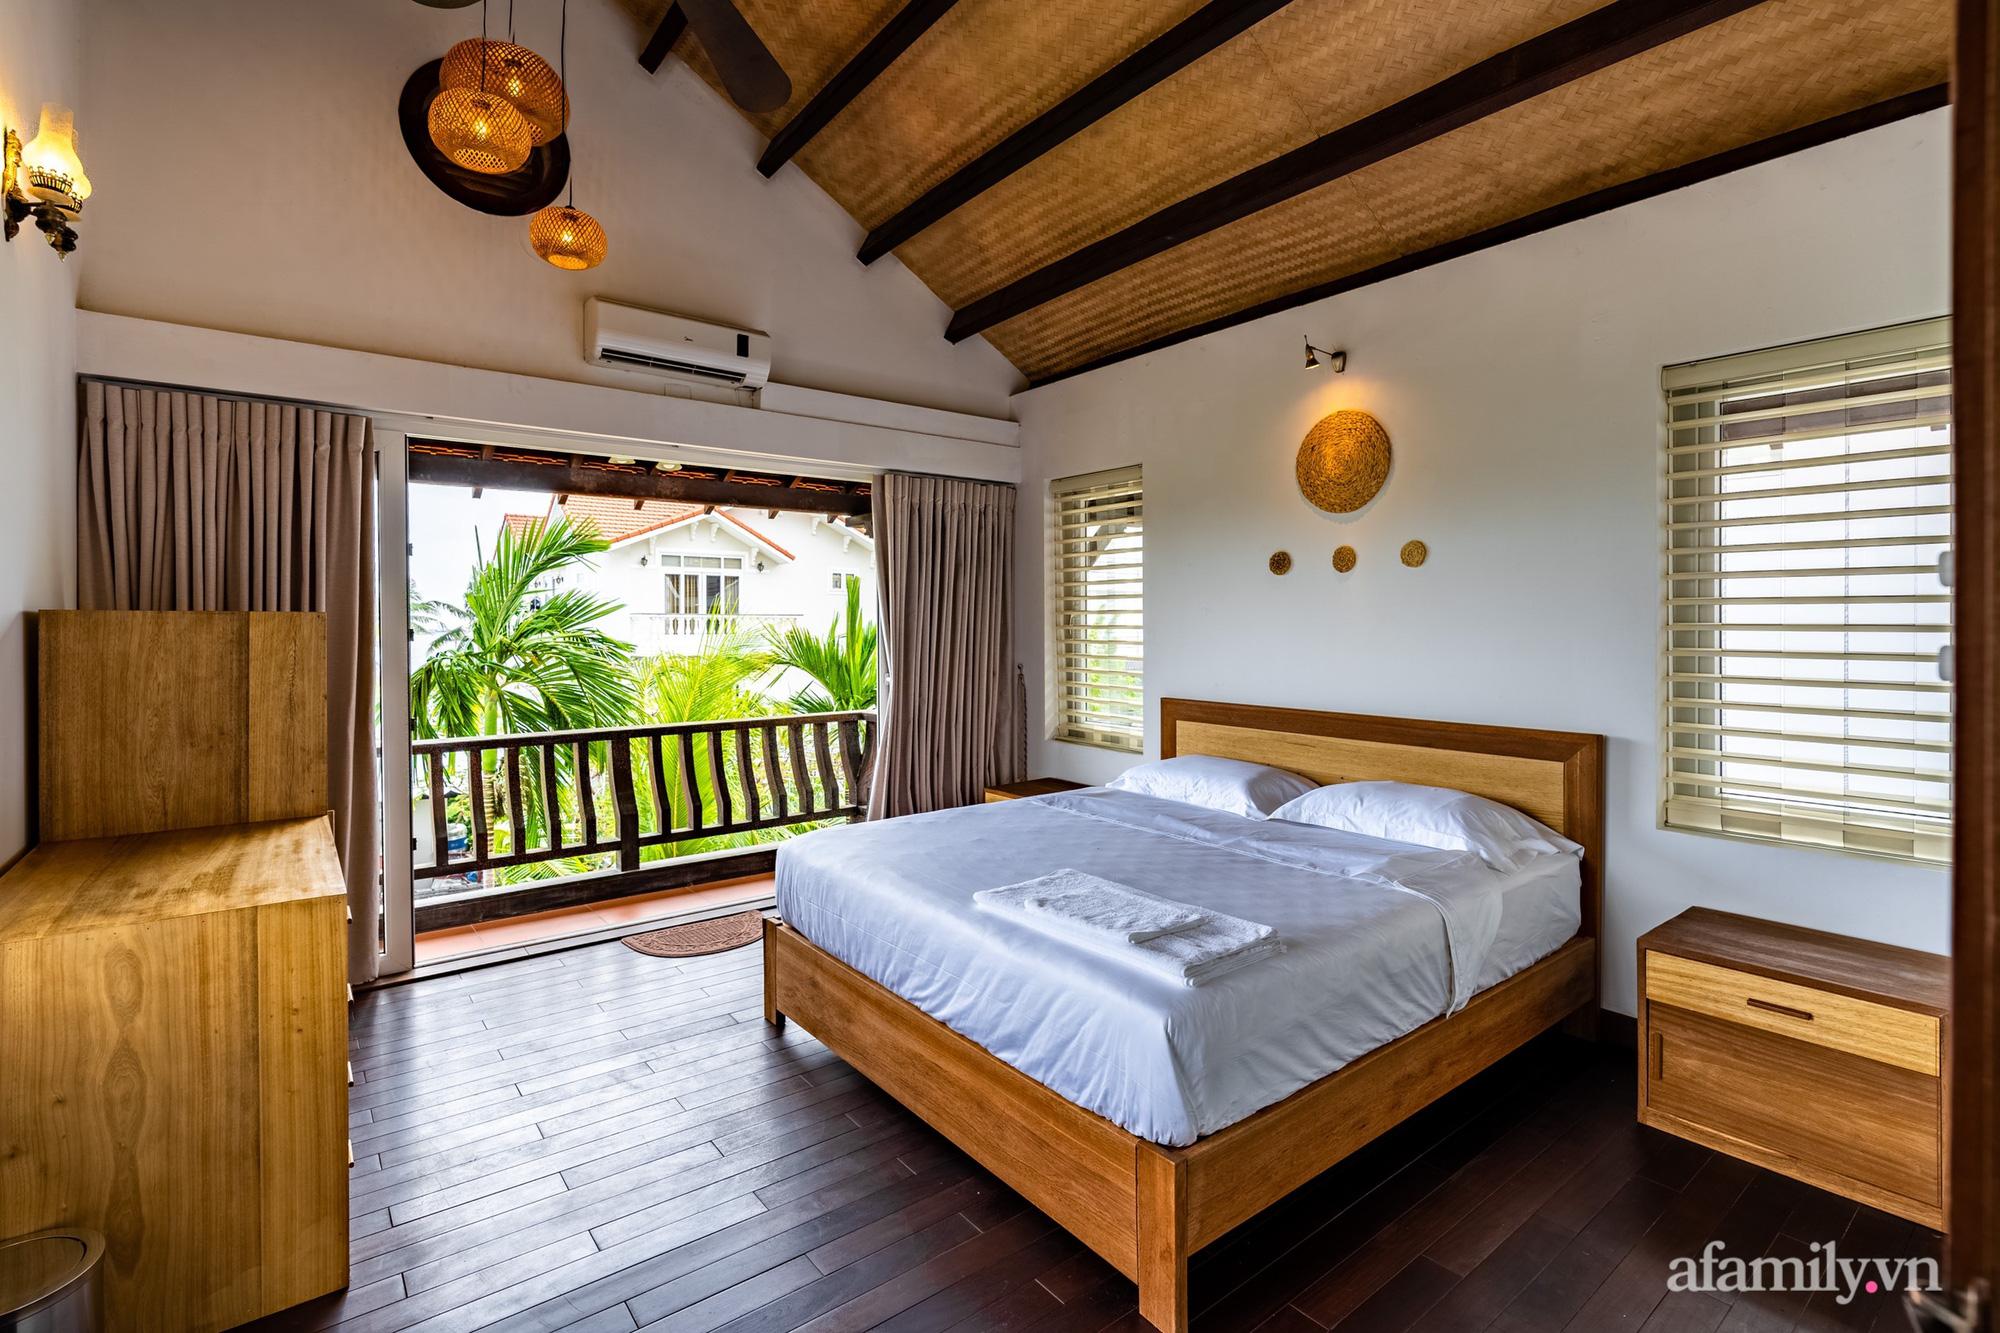 Căn nhà vườn xây 10 năm vẫn đẹp hút mắt với nội thất gỗ và cây xanh quanh nhà ở Nha Trang-15